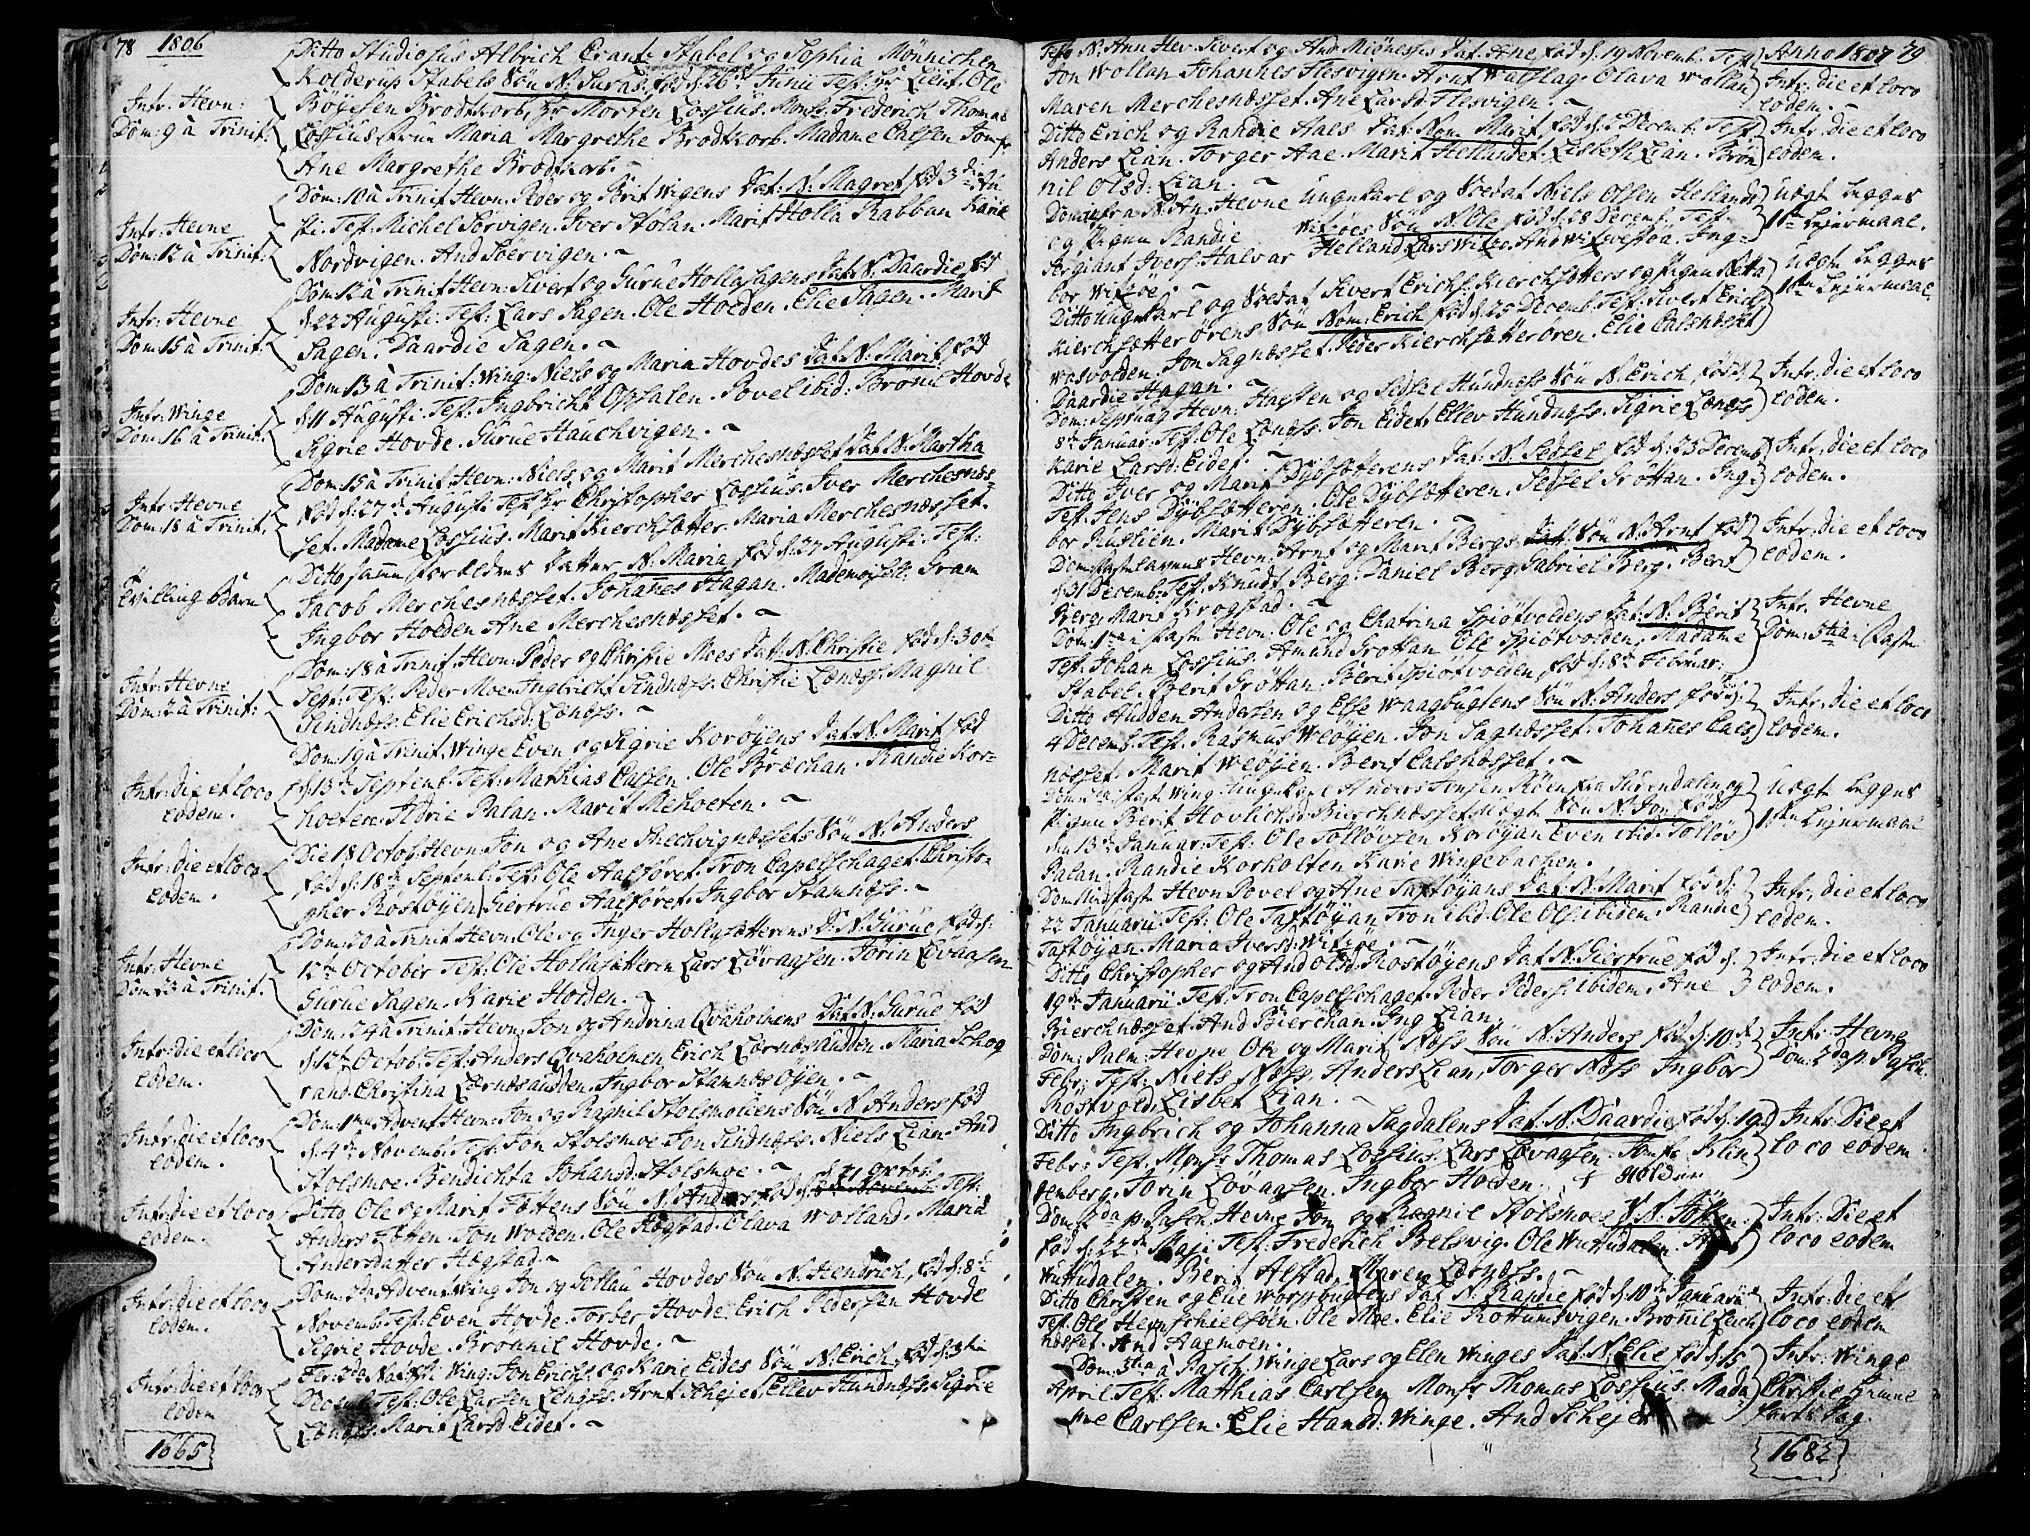 SAT, Ministerialprotokoller, klokkerbøker og fødselsregistre - Sør-Trøndelag, 630/L0490: Ministerialbok nr. 630A03, 1795-1818, s. 78-79